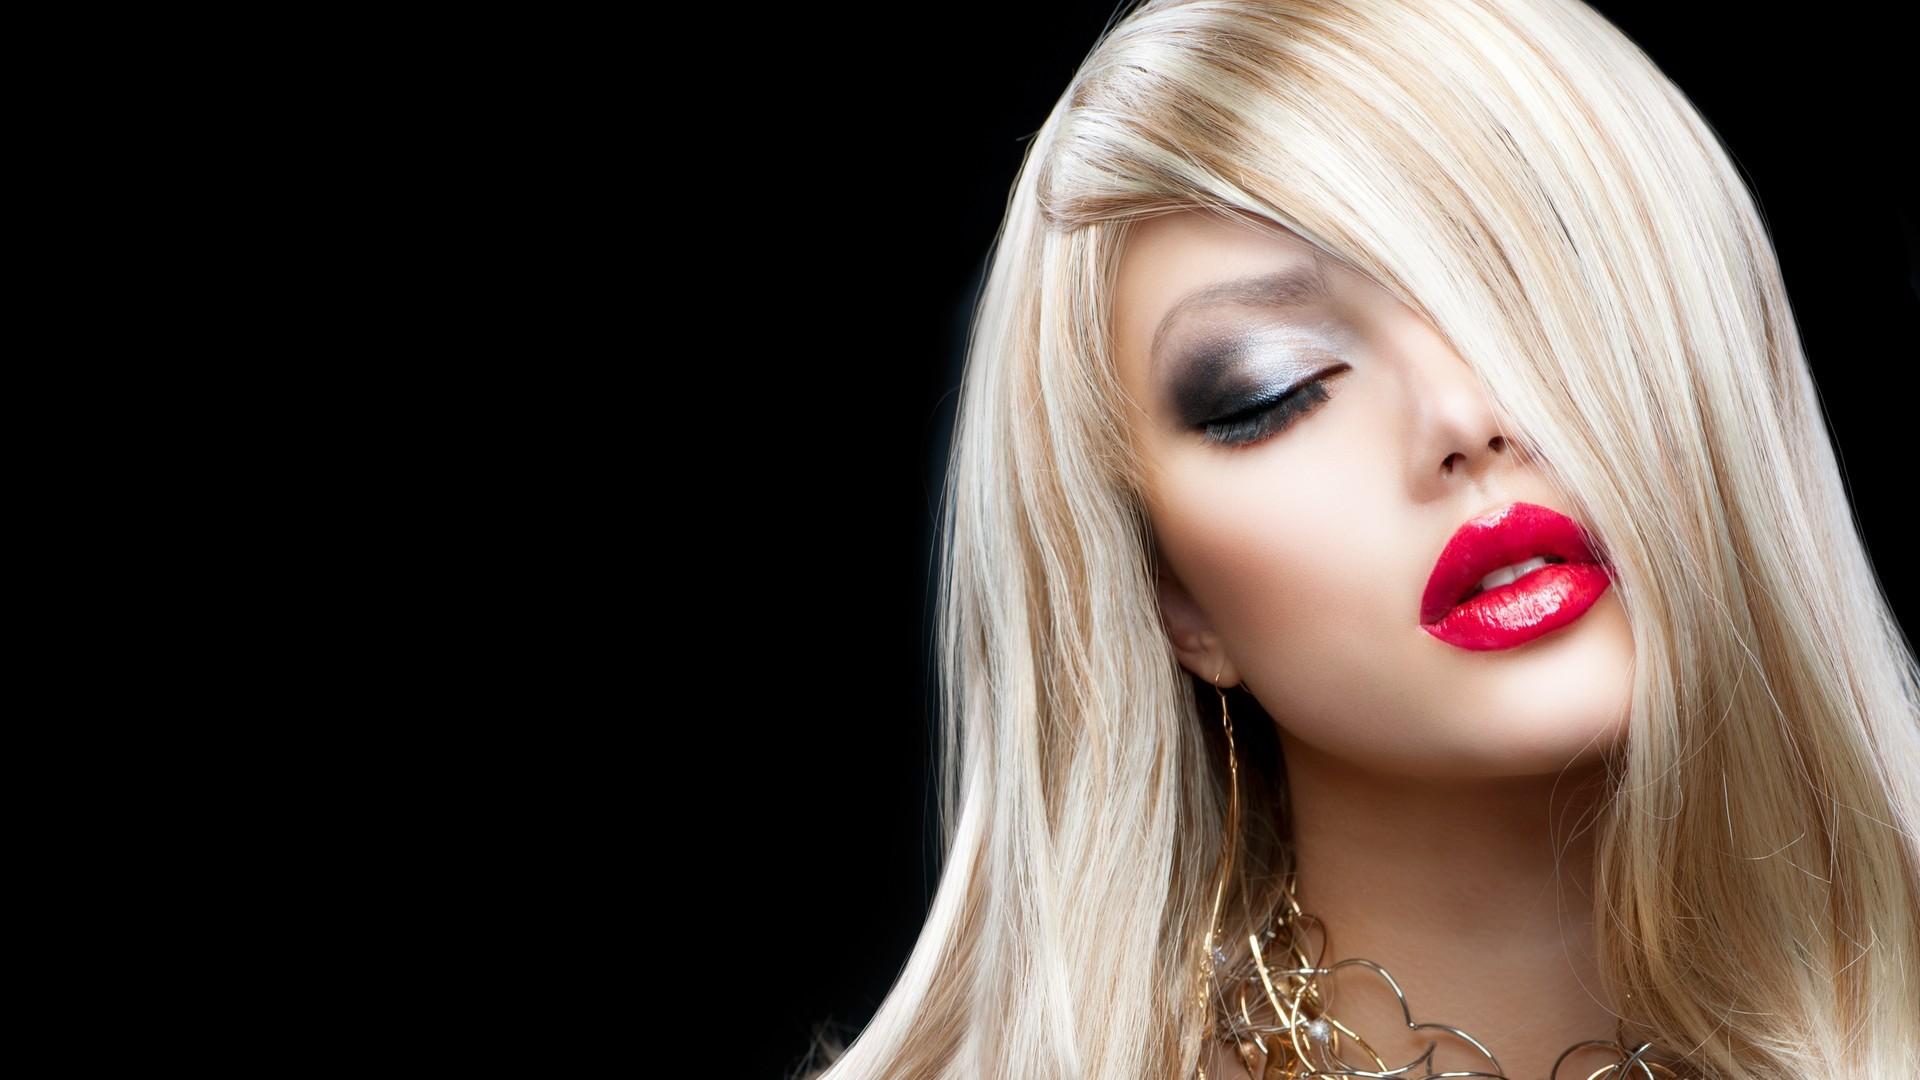 hd blonde